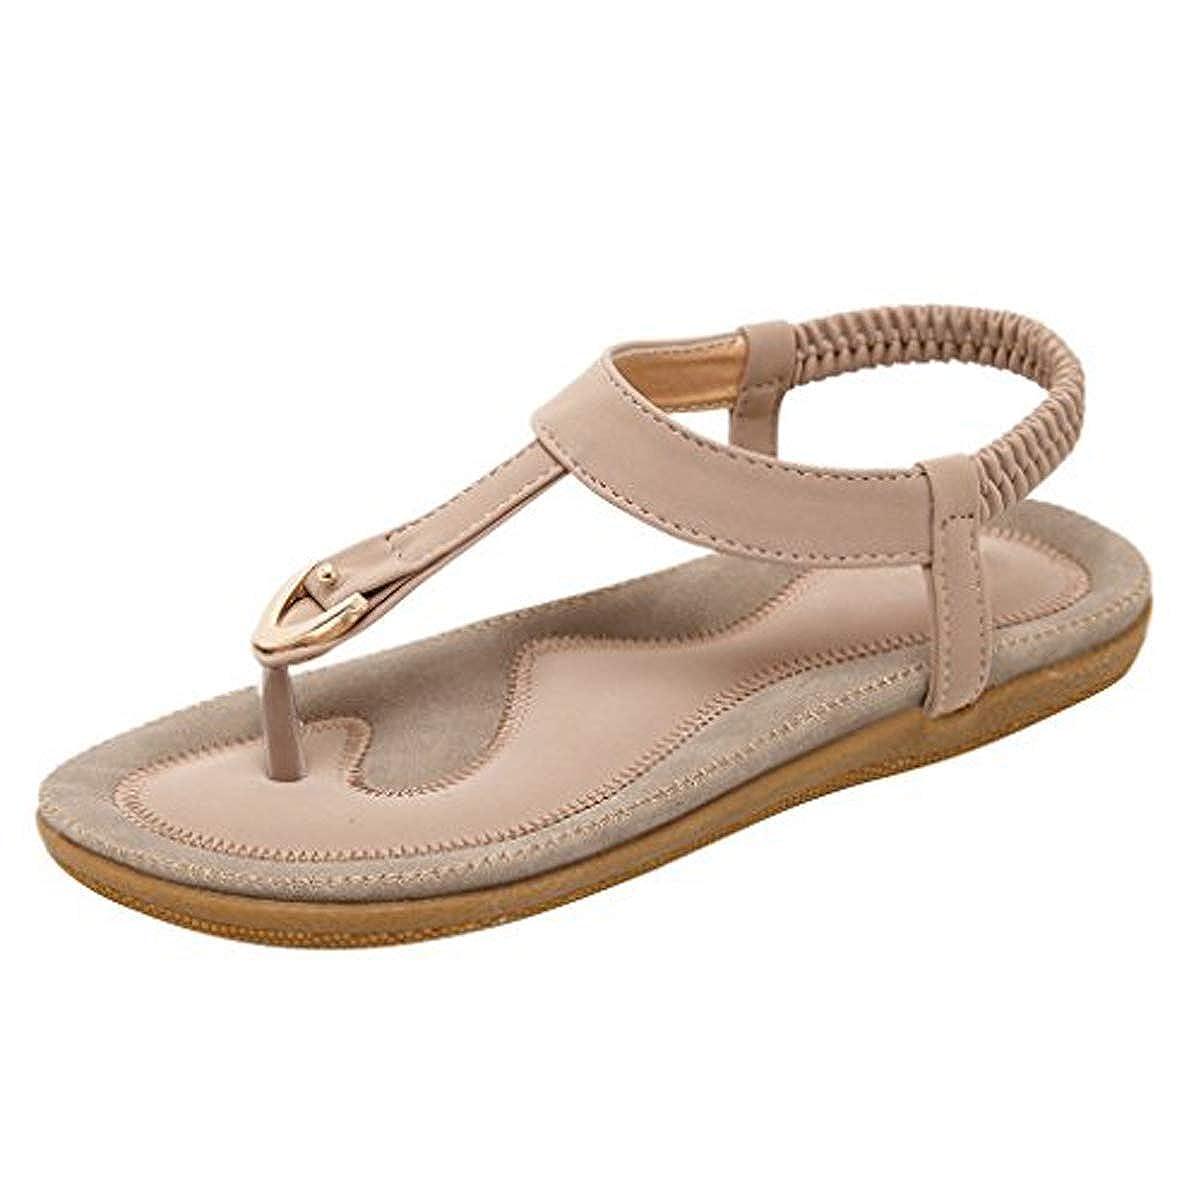 84a8f2048 Amazon.com  Dear Time Slingback T-Strap Flip Flop Women Ankle Strap Thong  Sandals  Shoes